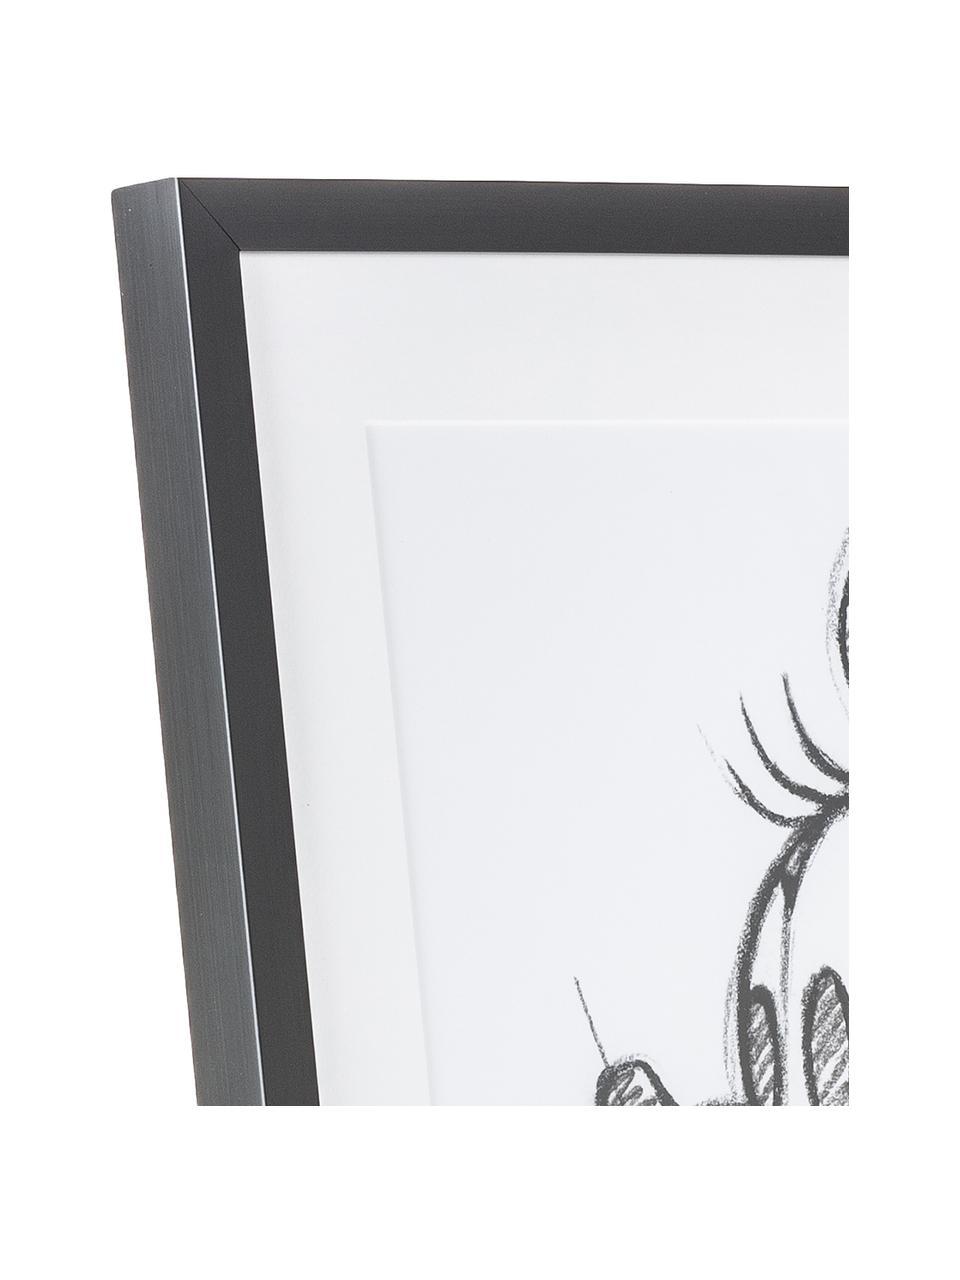 Gerahmter Digitaldruck Minnie, Bild: Digitaldruck, Rahmen: Kunststoff, Front: Glas, Weiß, Schwarz, 50 x 70 cm